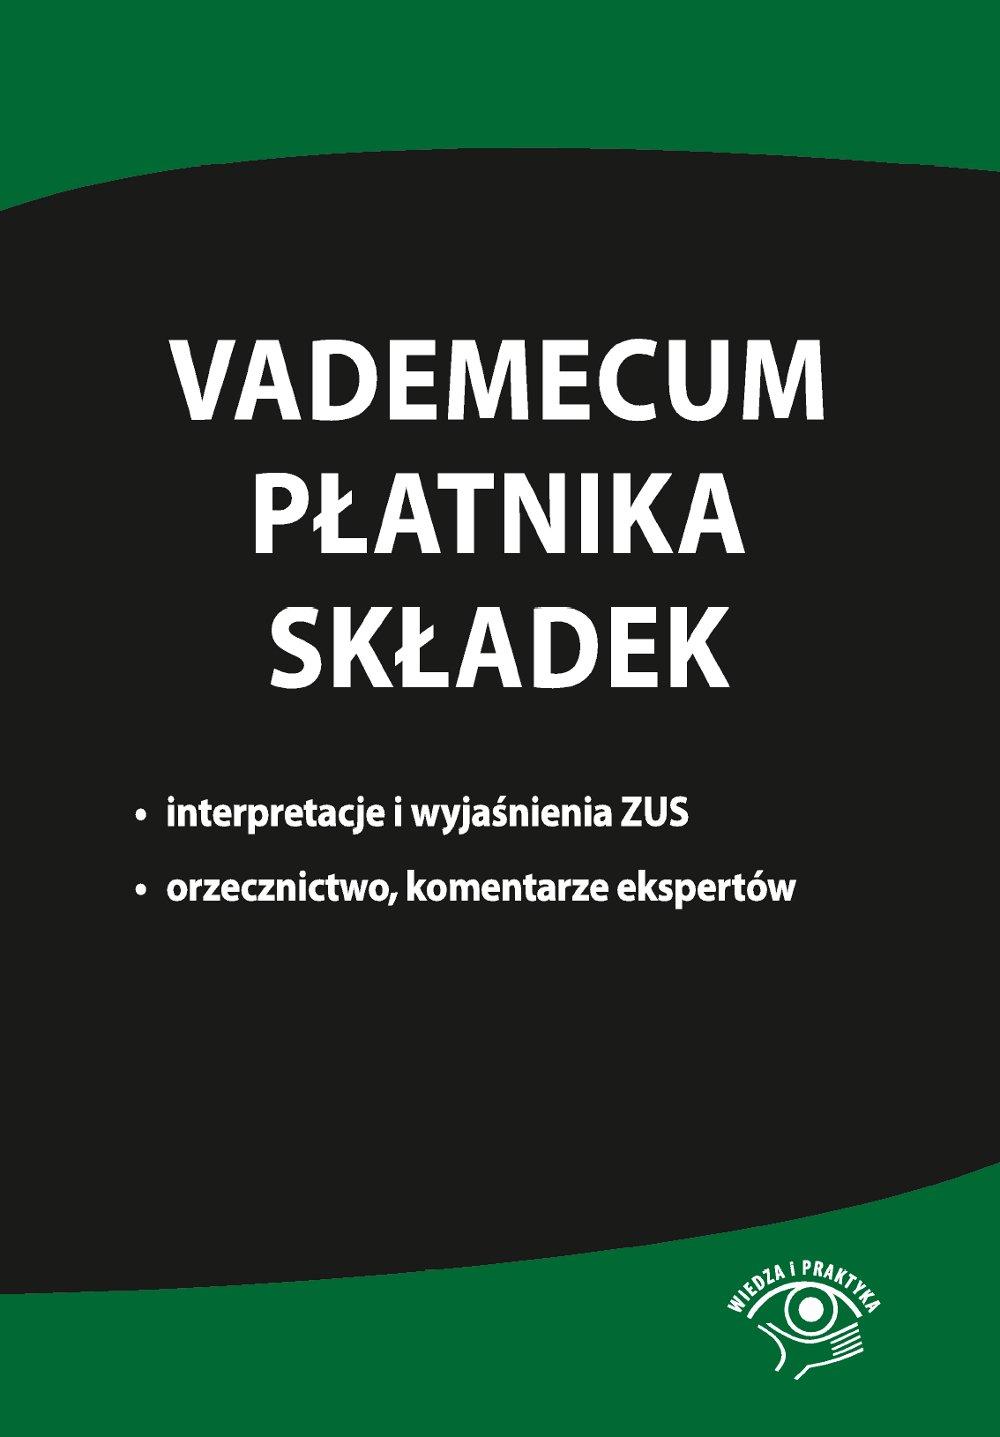 Vademecum płatnika składek. Interpretacje i wyjaśnienia ZUS, orzecznictwo, komentarze ekspertów - Ebook (Książka EPUB) do pobrania w formacie EPUB